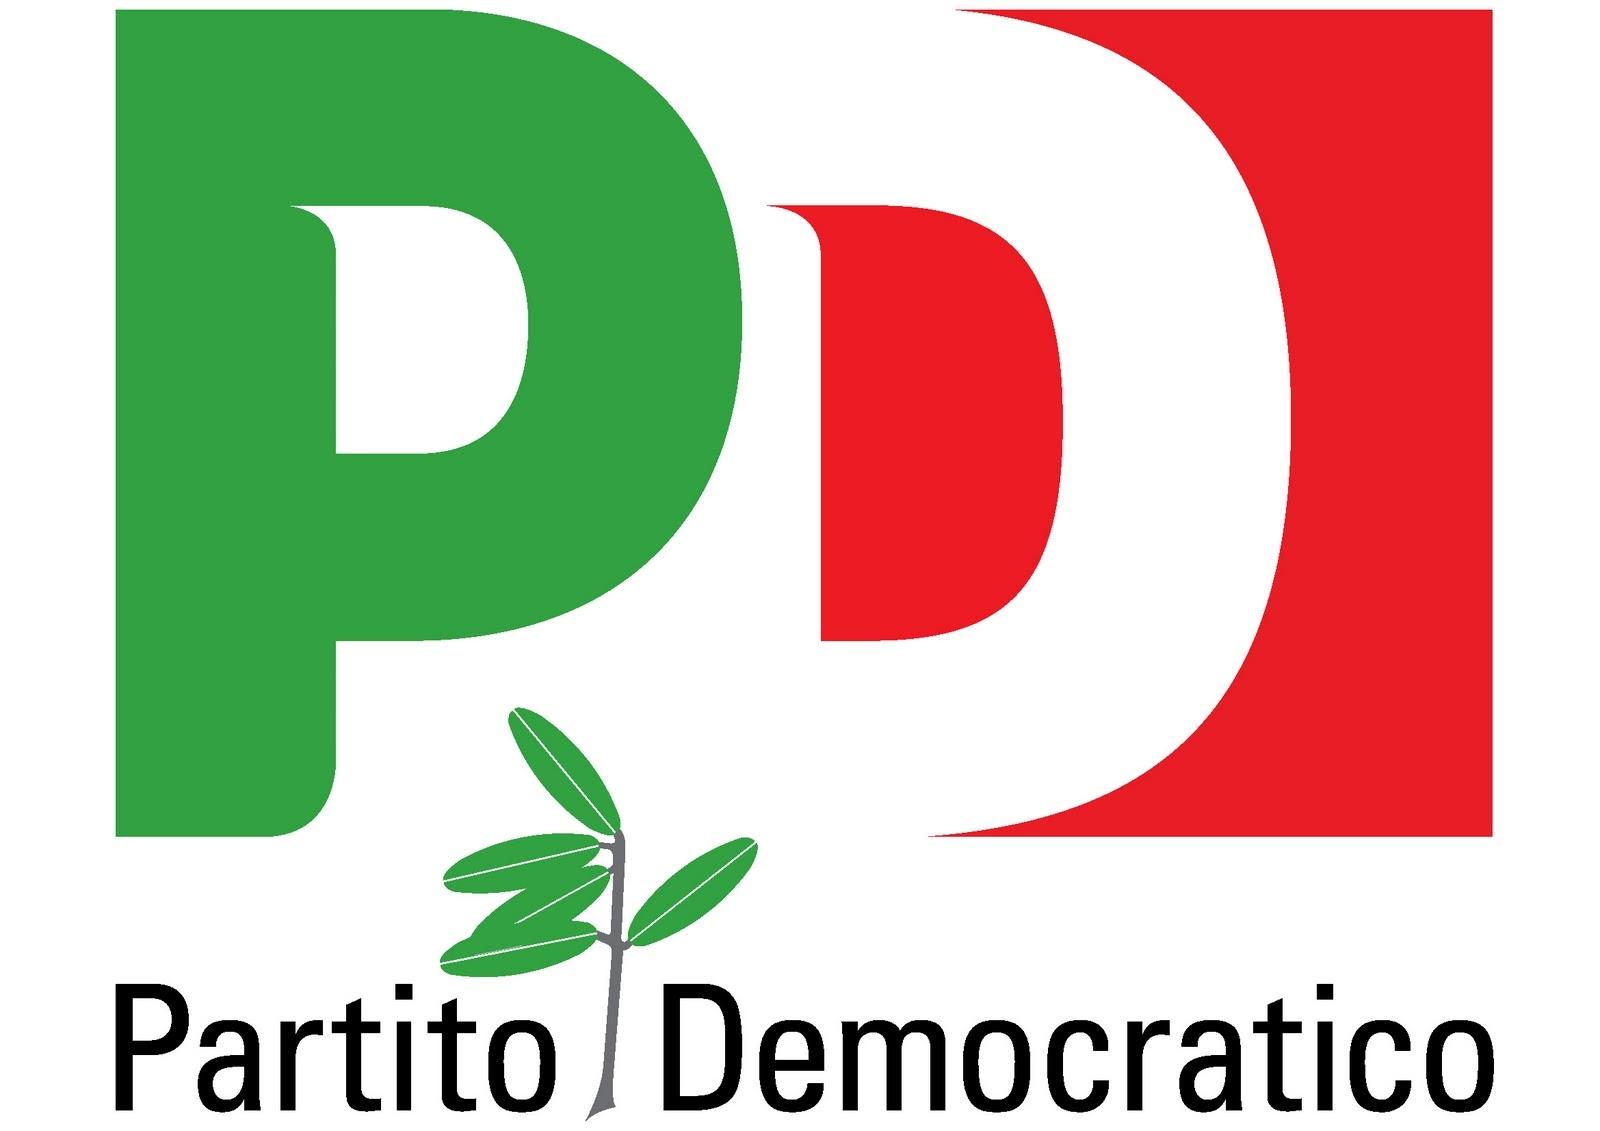 Il Circolo PD di Lucignano commenta l'attuale situazione politica nel Partito